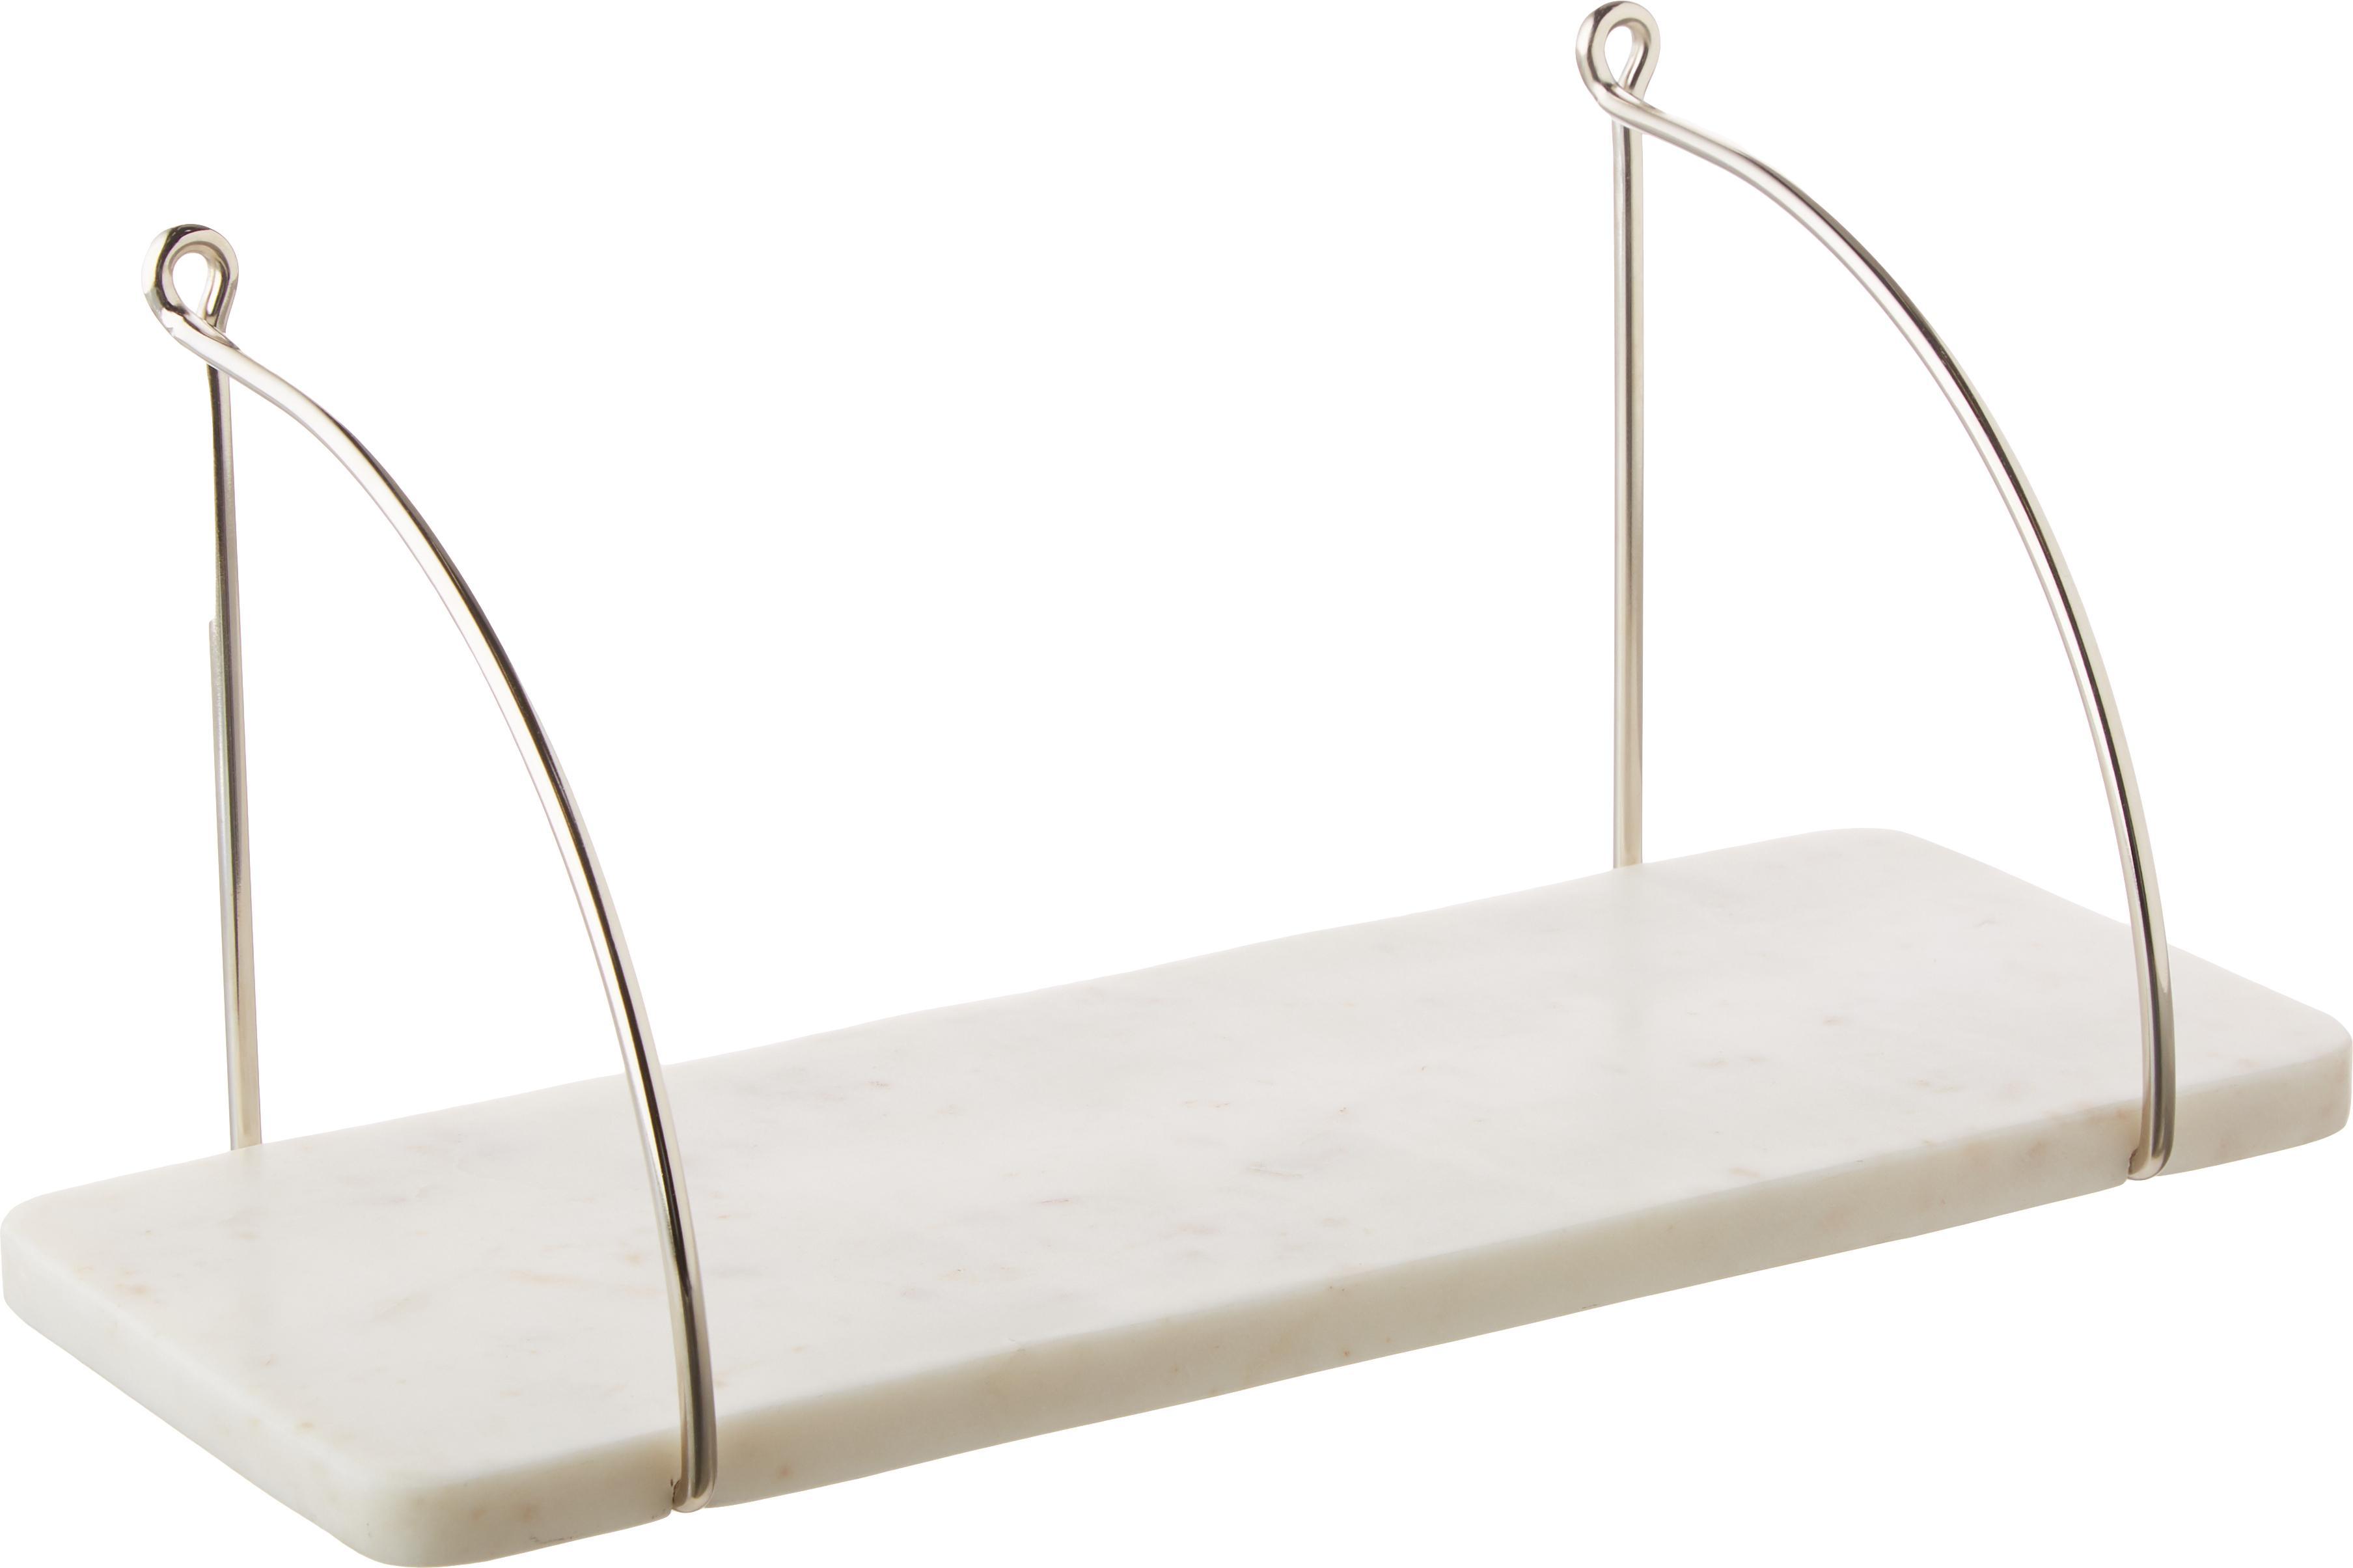 Mensola a muro in marmo Porter, Scaffale: marmo, Montaggio a parete: acciaio inossidabile  libreria: bianco marmorizzato, Larg. 40 x Alt. 18 cm